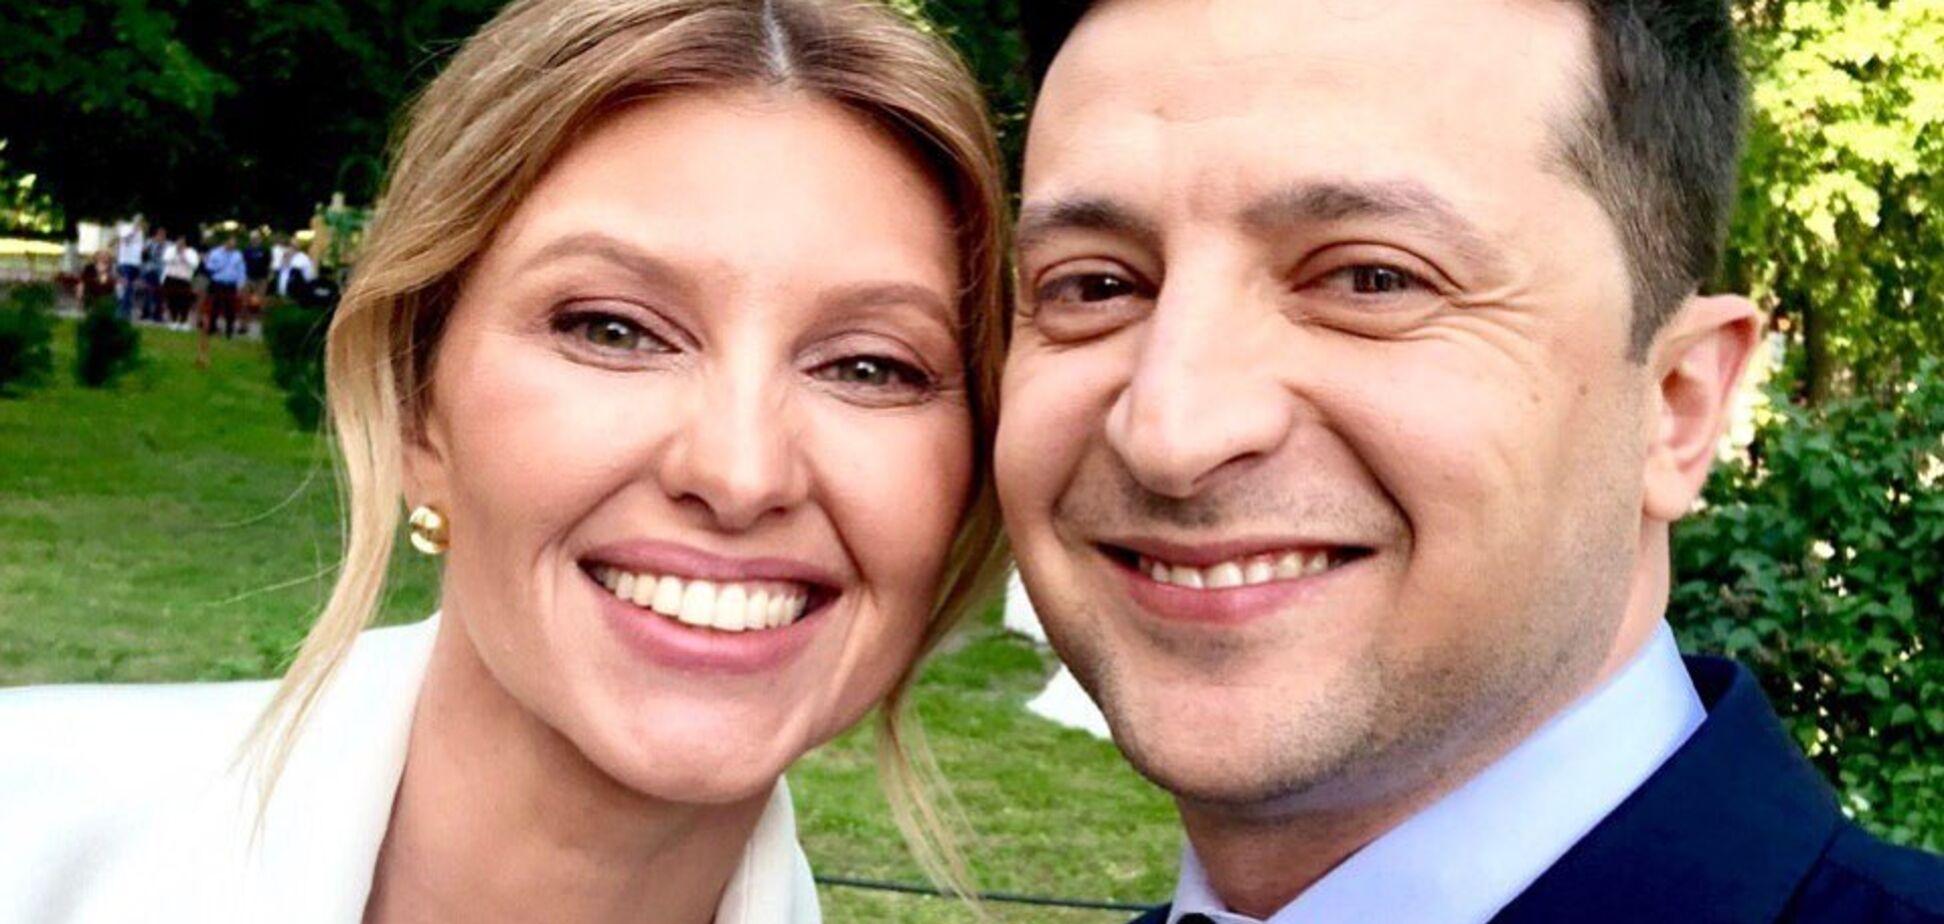 Новый образ жены Зеленского вызвал ажиотаж в сети: опубликованы фото